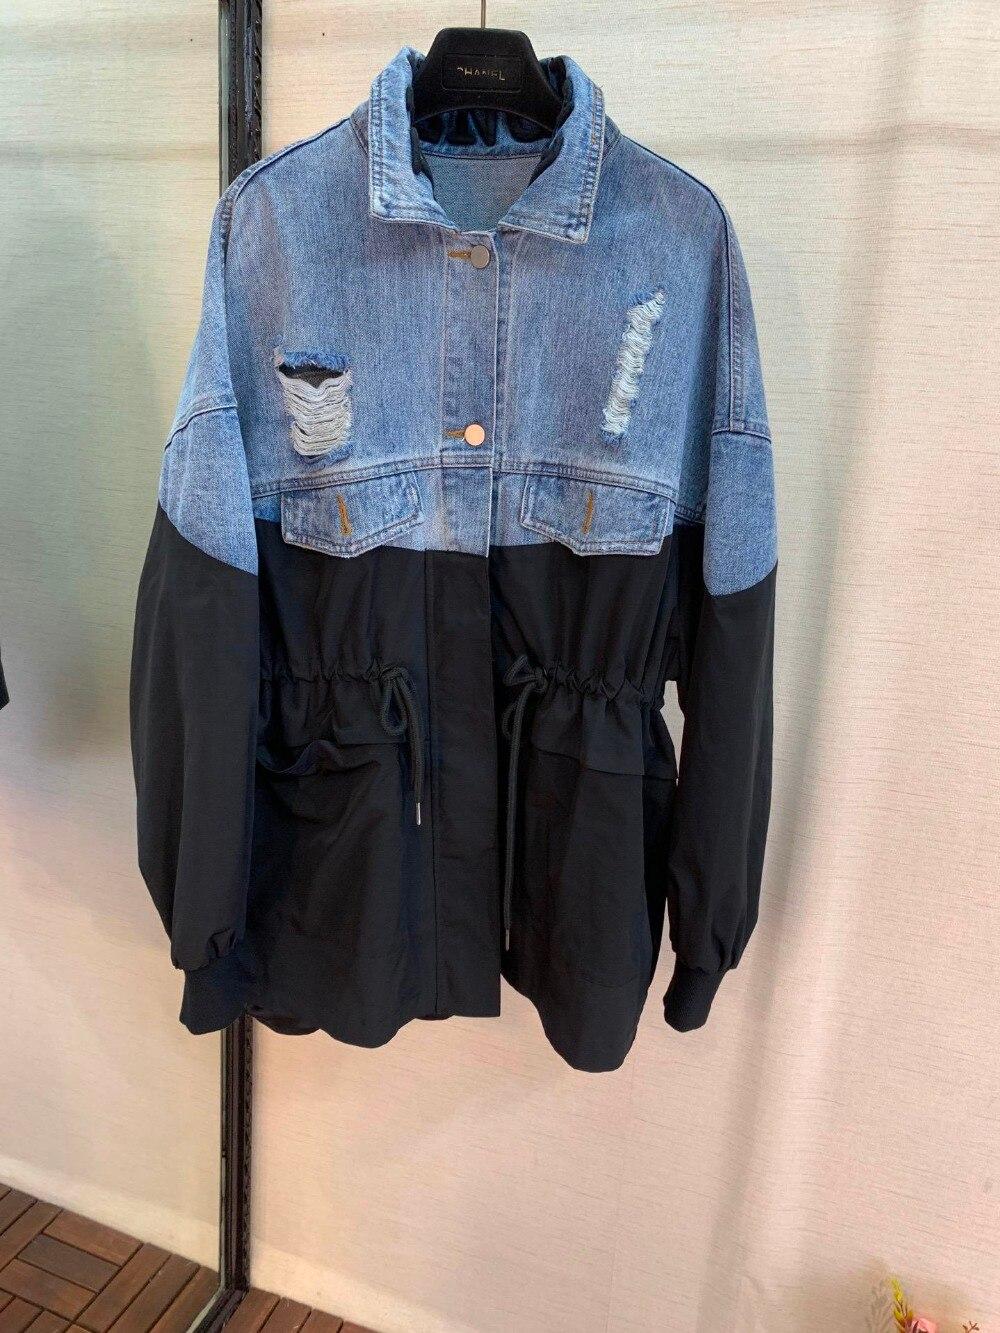 2019 nouvelles dames de mode lettre broderie revers couture veste en jean 0415